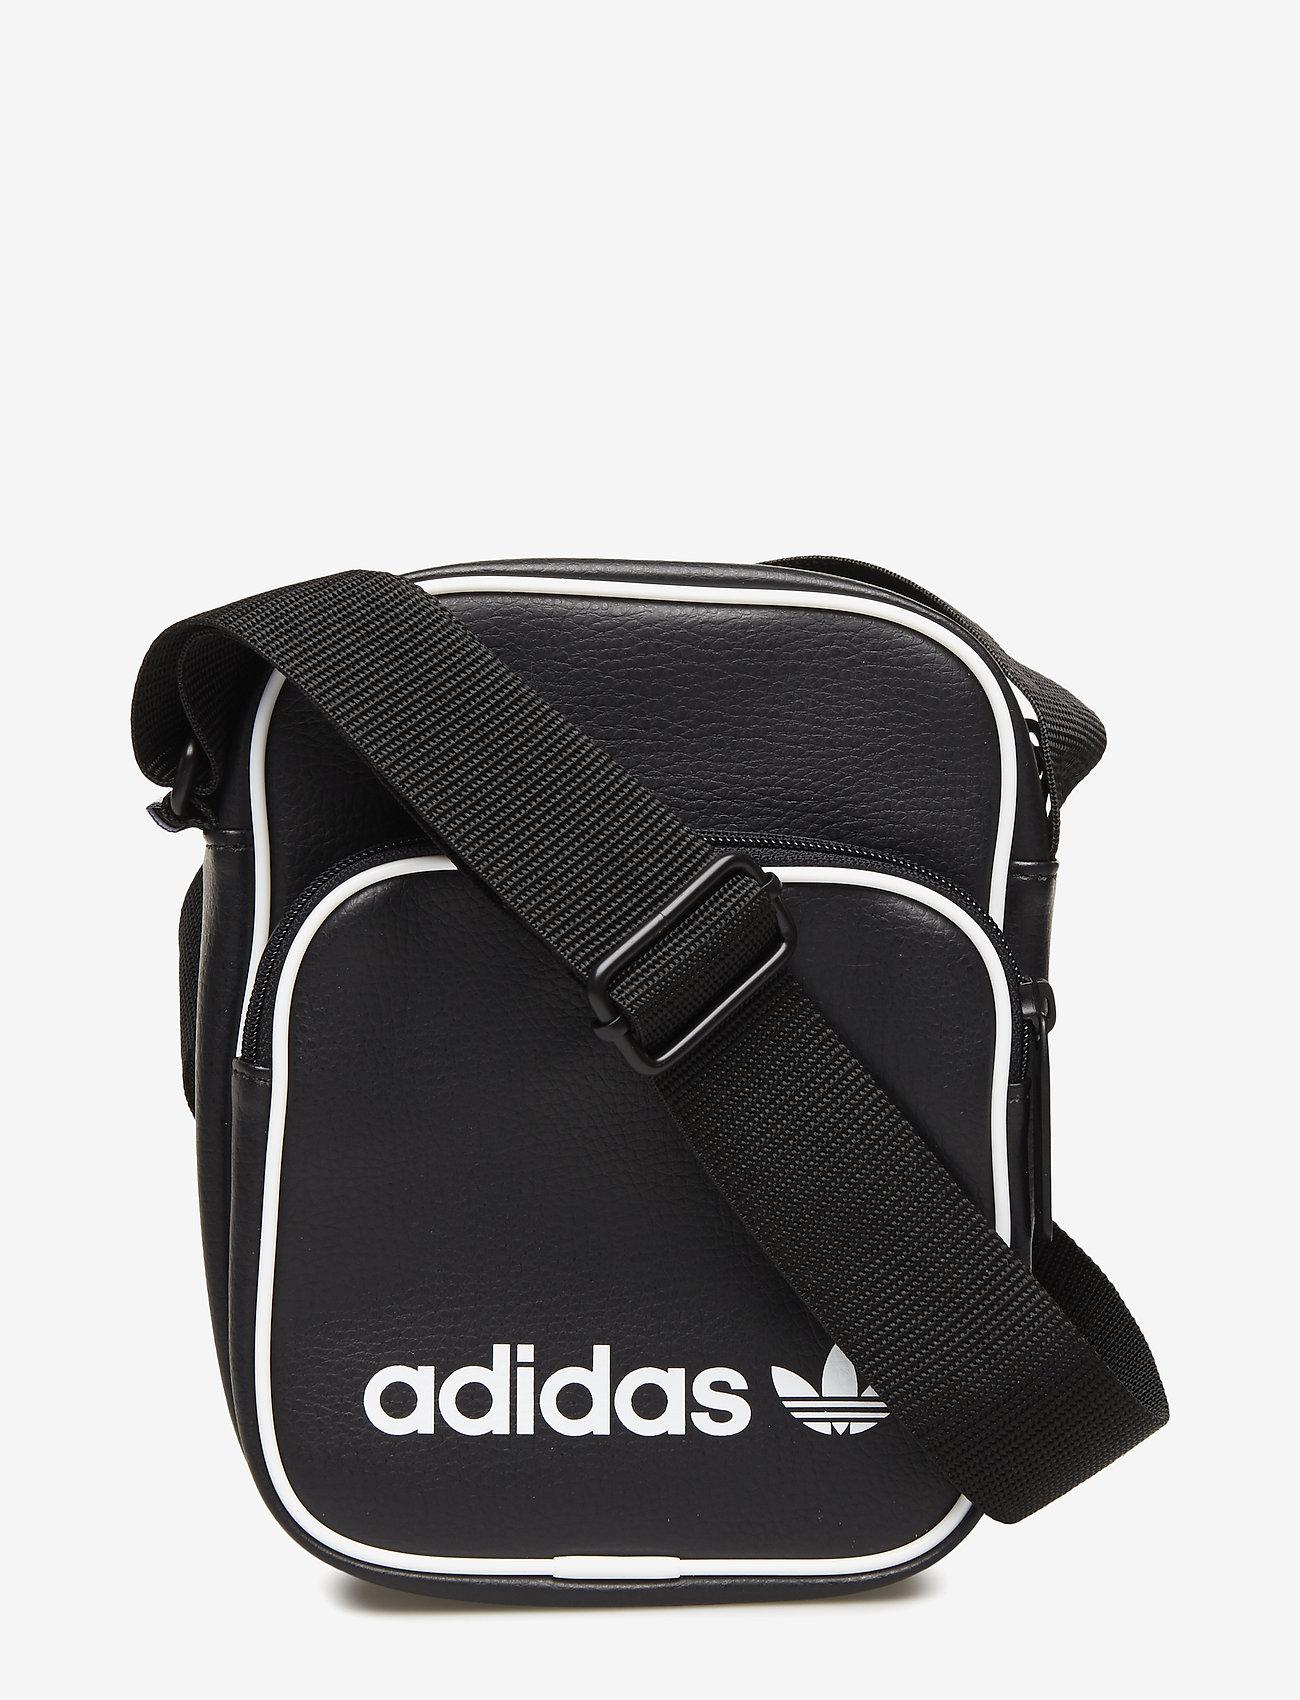 adidas Originals - MINI BAG VINT - gender neutral - black